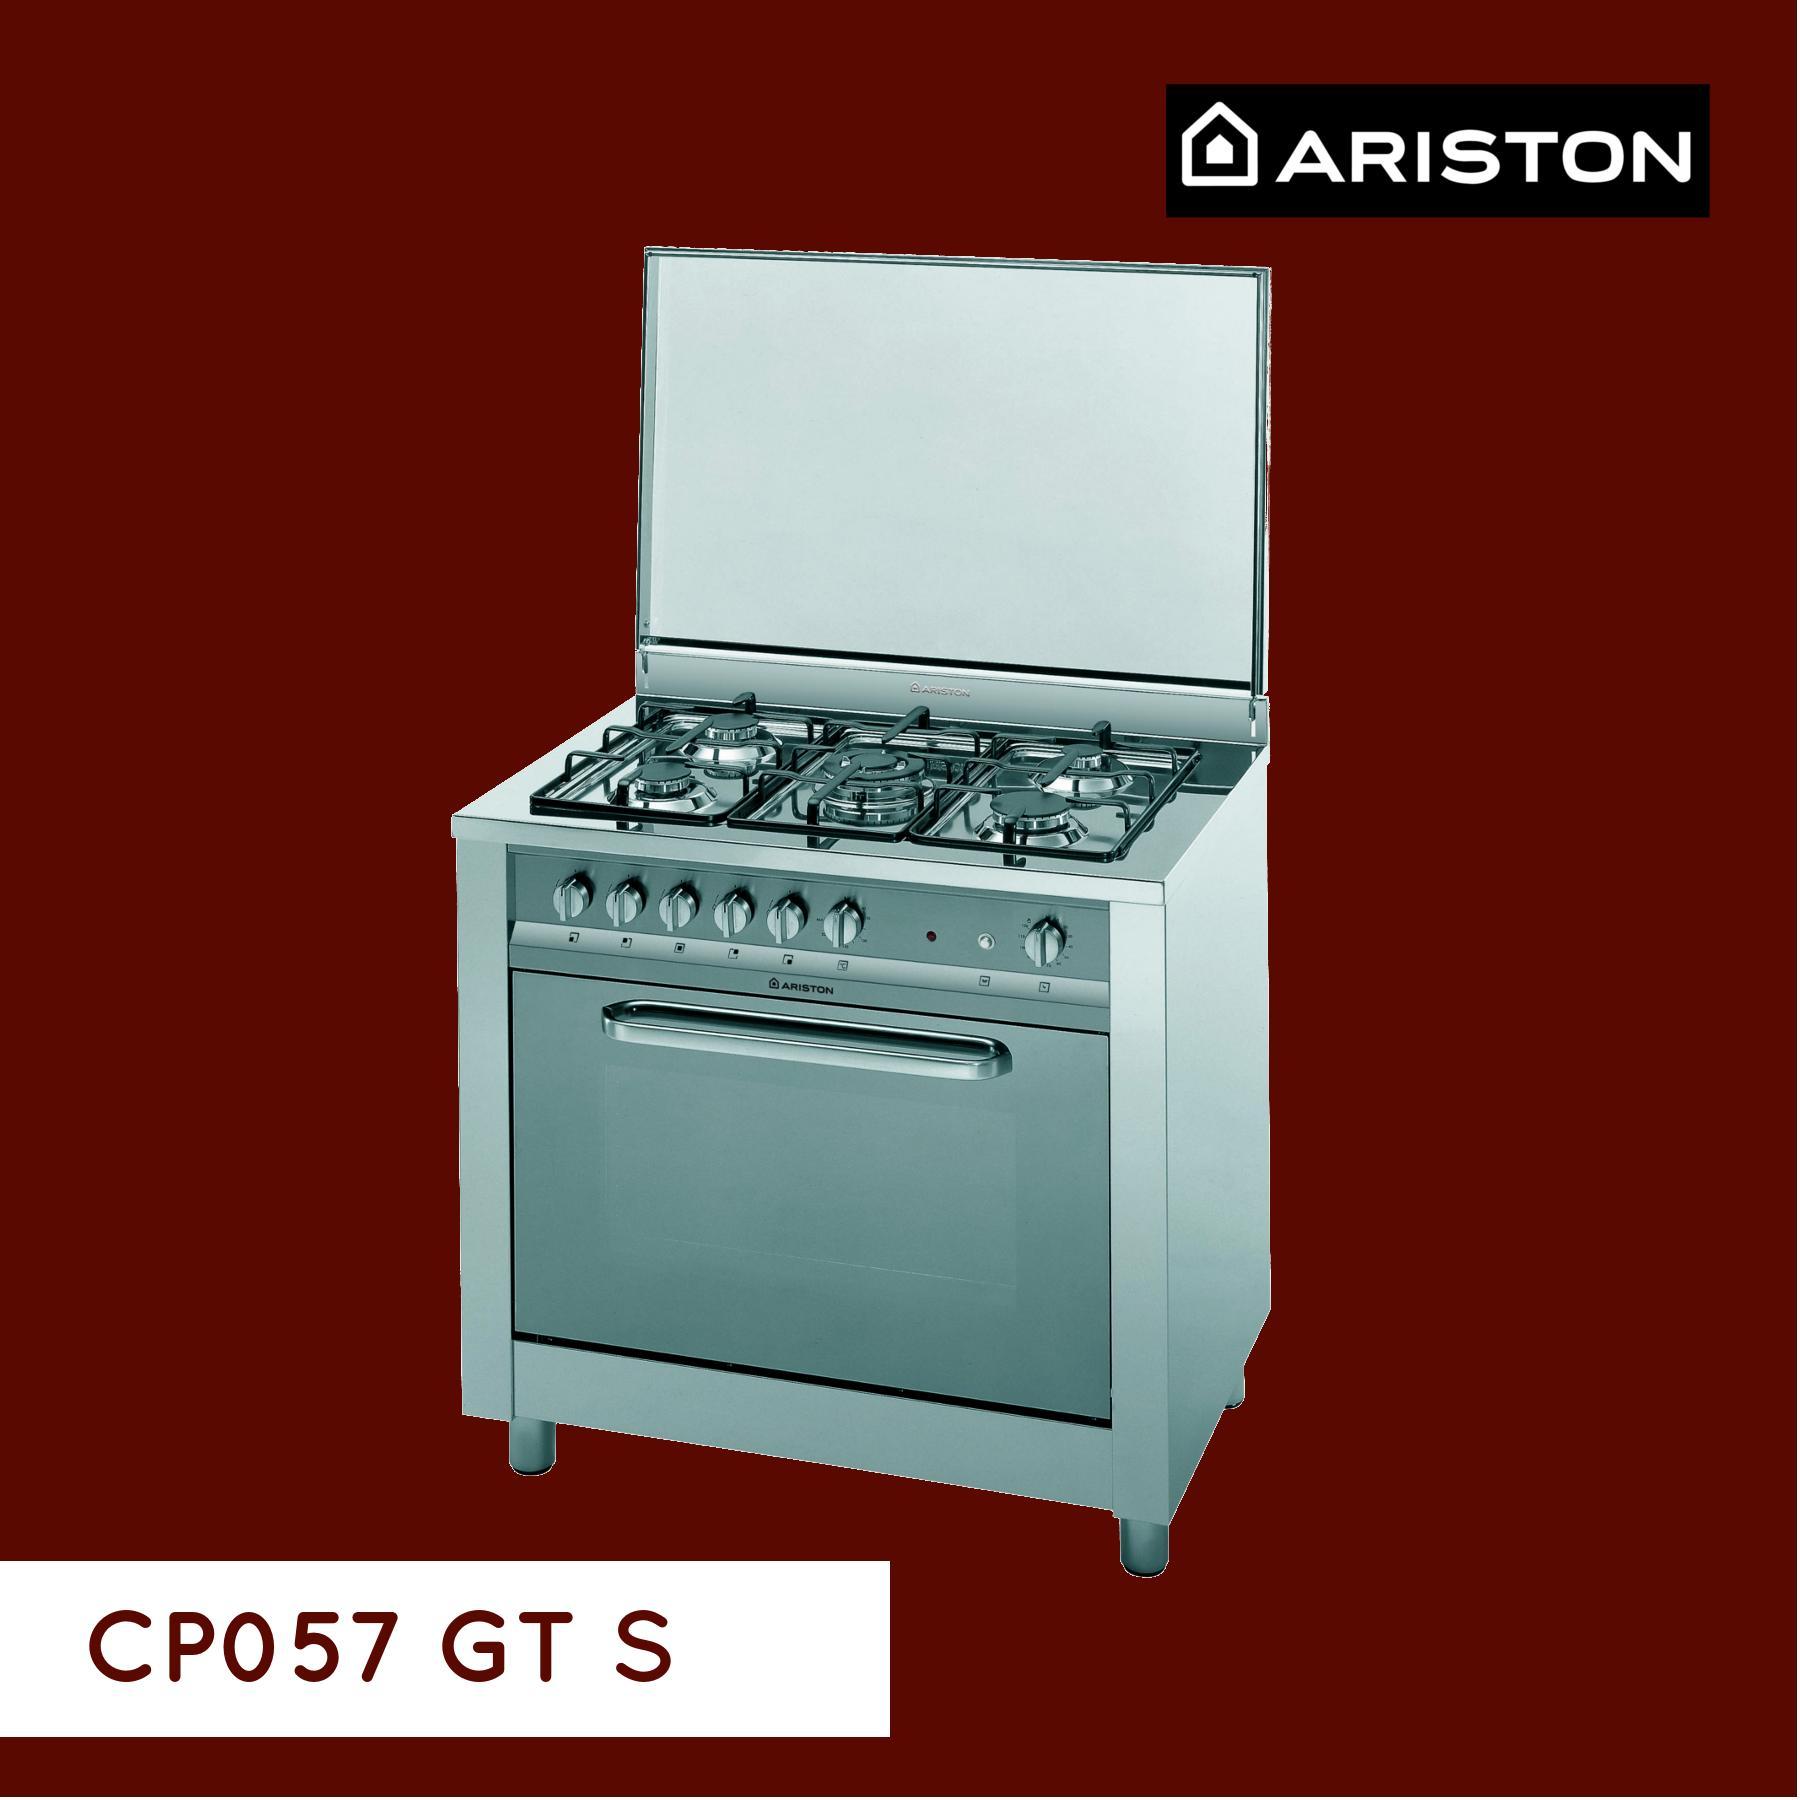 Ariston Philippines: Ariston price list - Ariston Gas Hob, Cooking ...